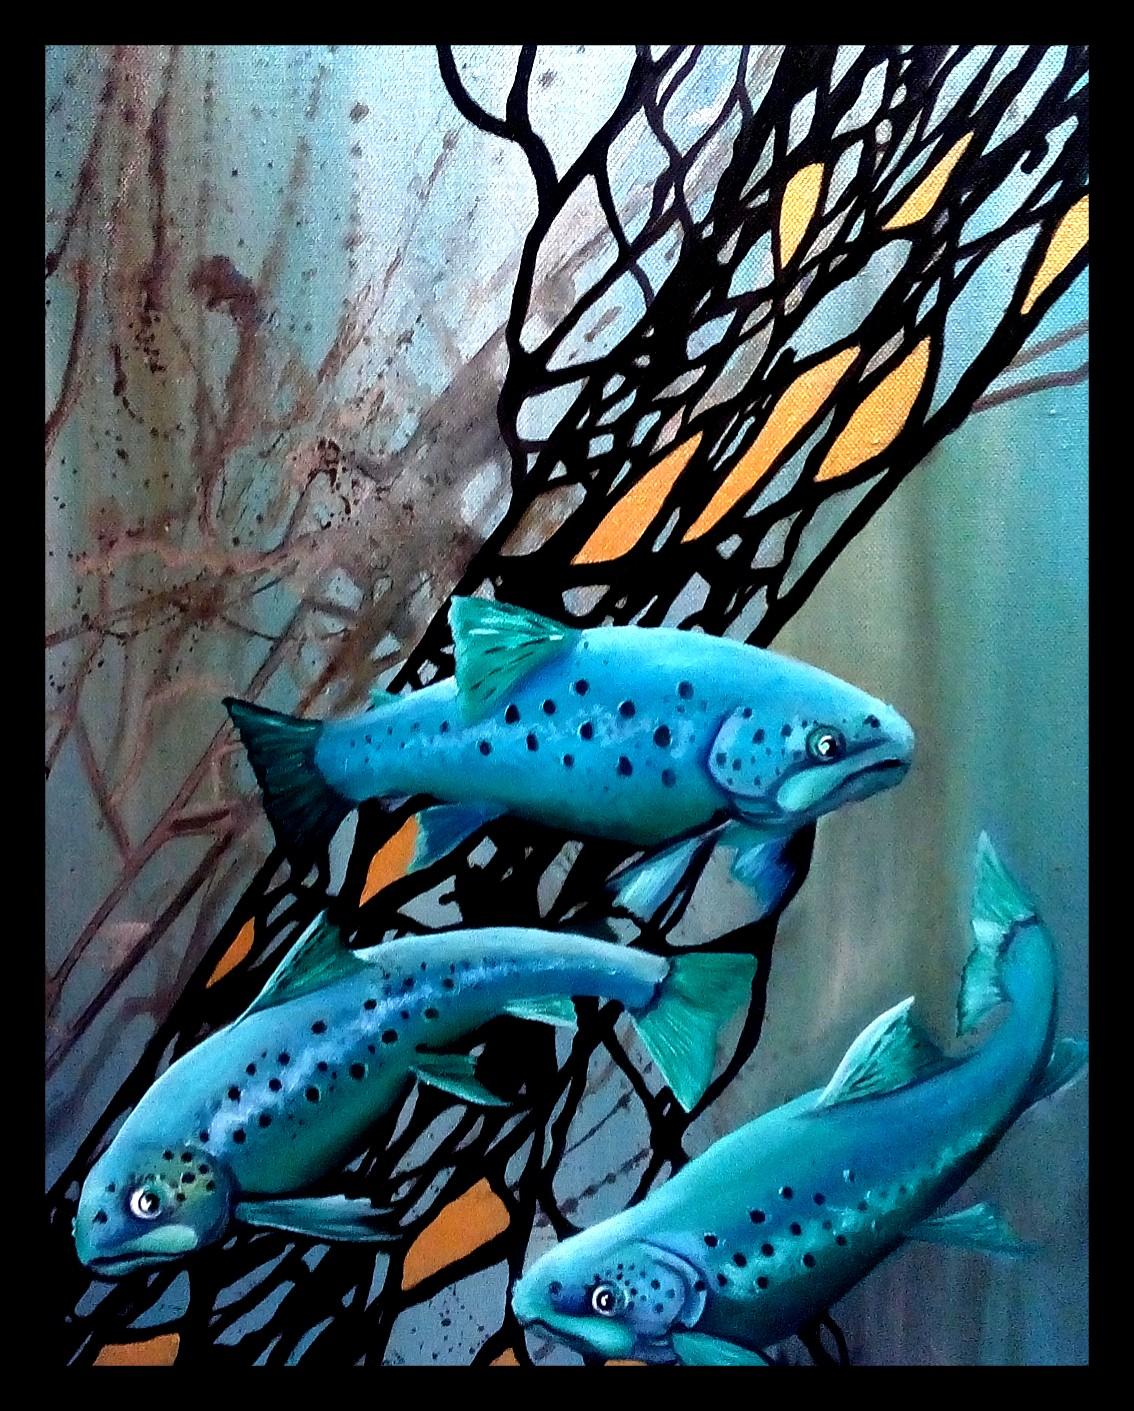 Forellen, Öl auf Leinwand 40x50cm, irisierender Grund, Flächen in Gold